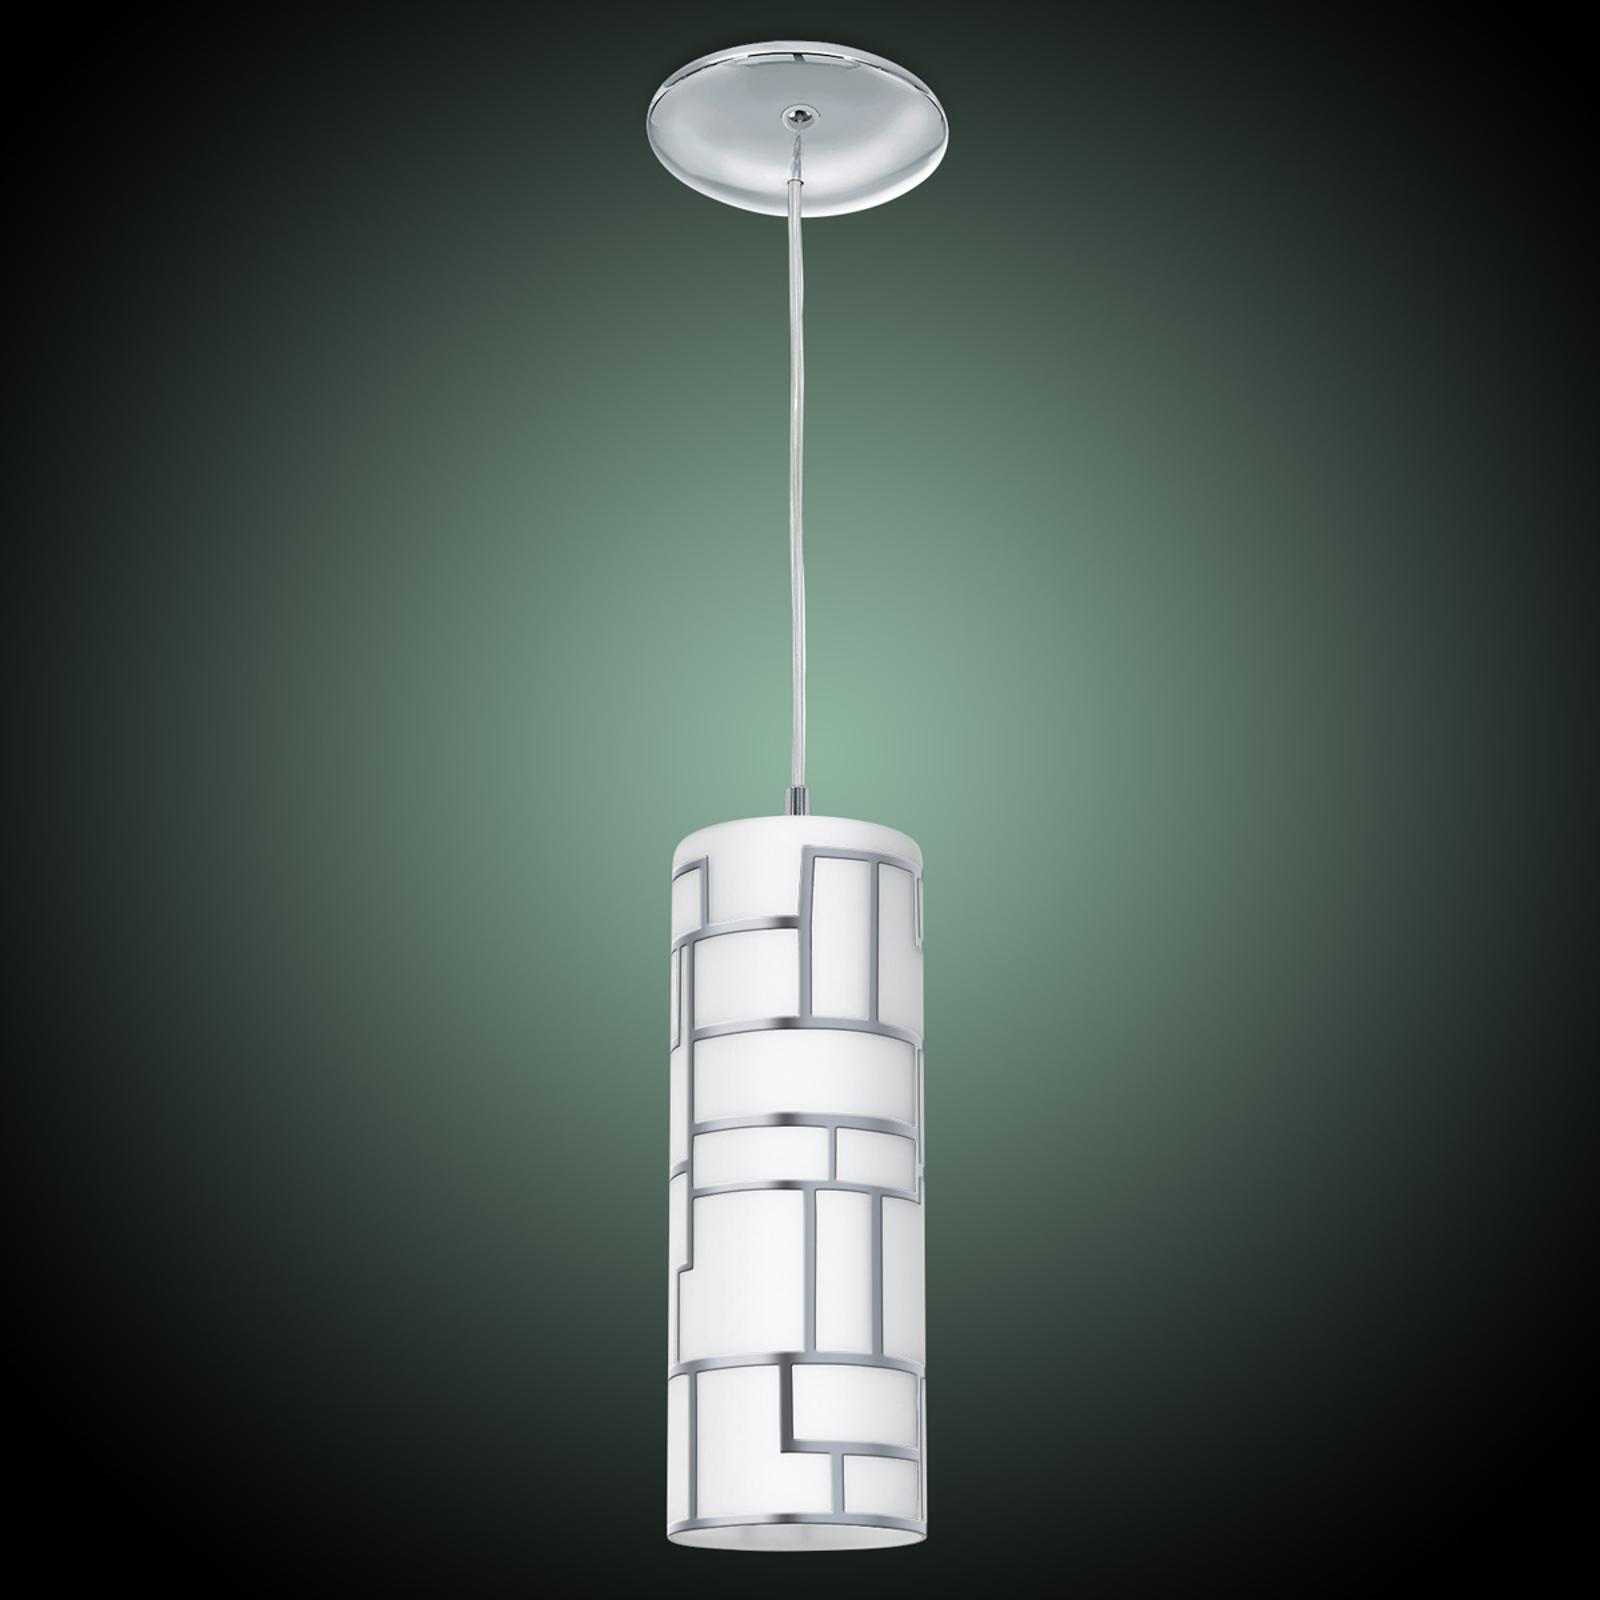 Lampada sottile a pendolo Bayman c. decoro lineare